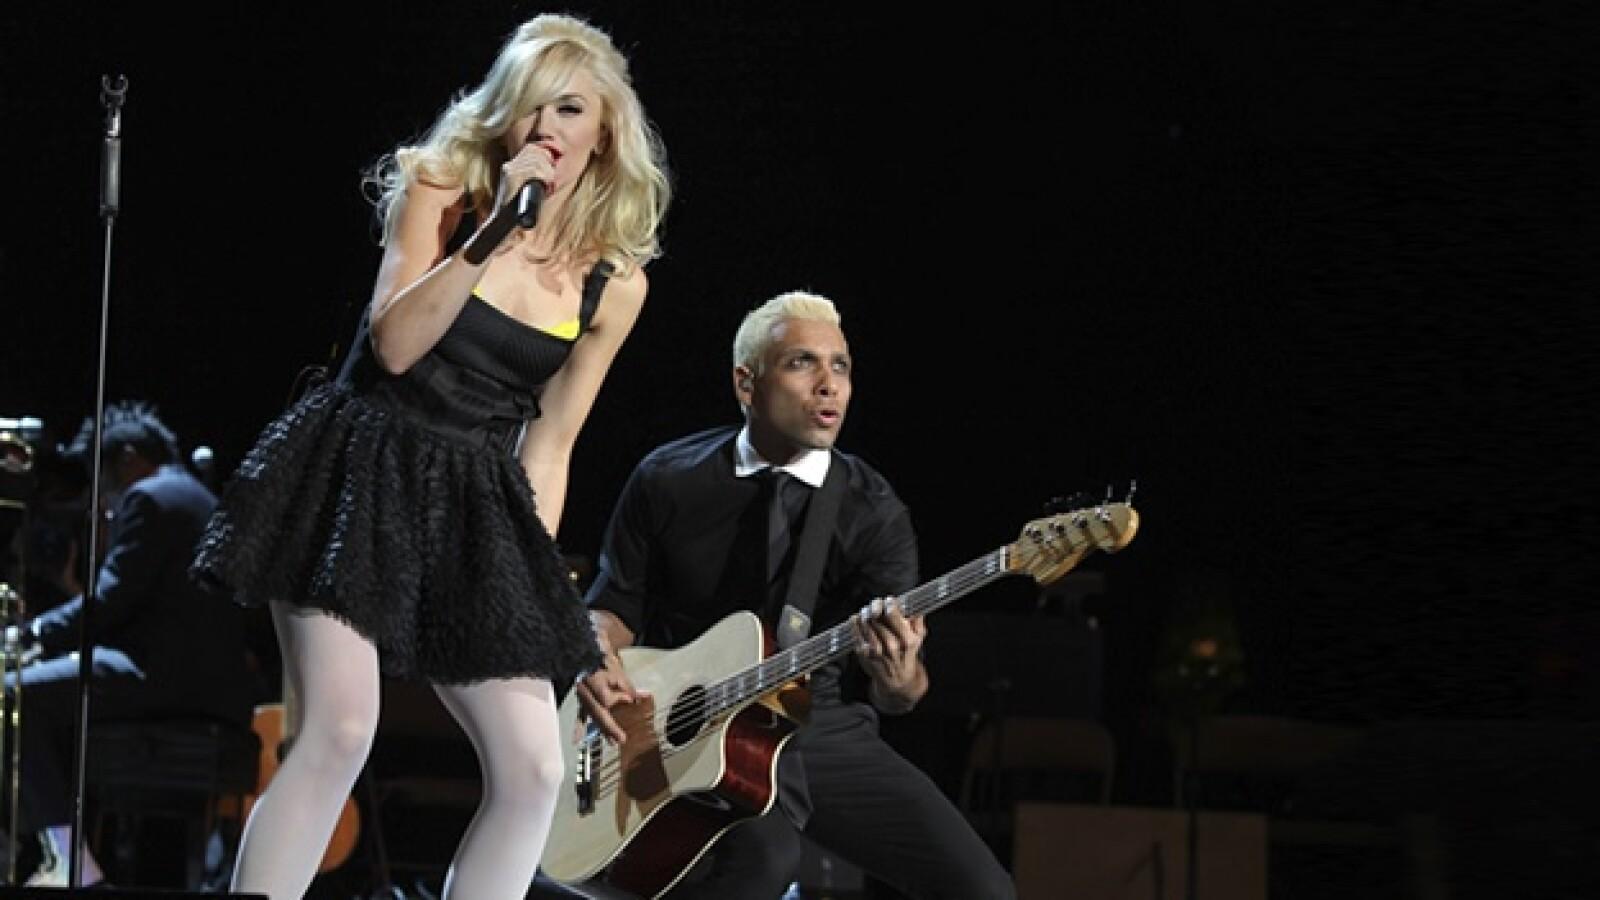 Gwen Stefani No Doubt